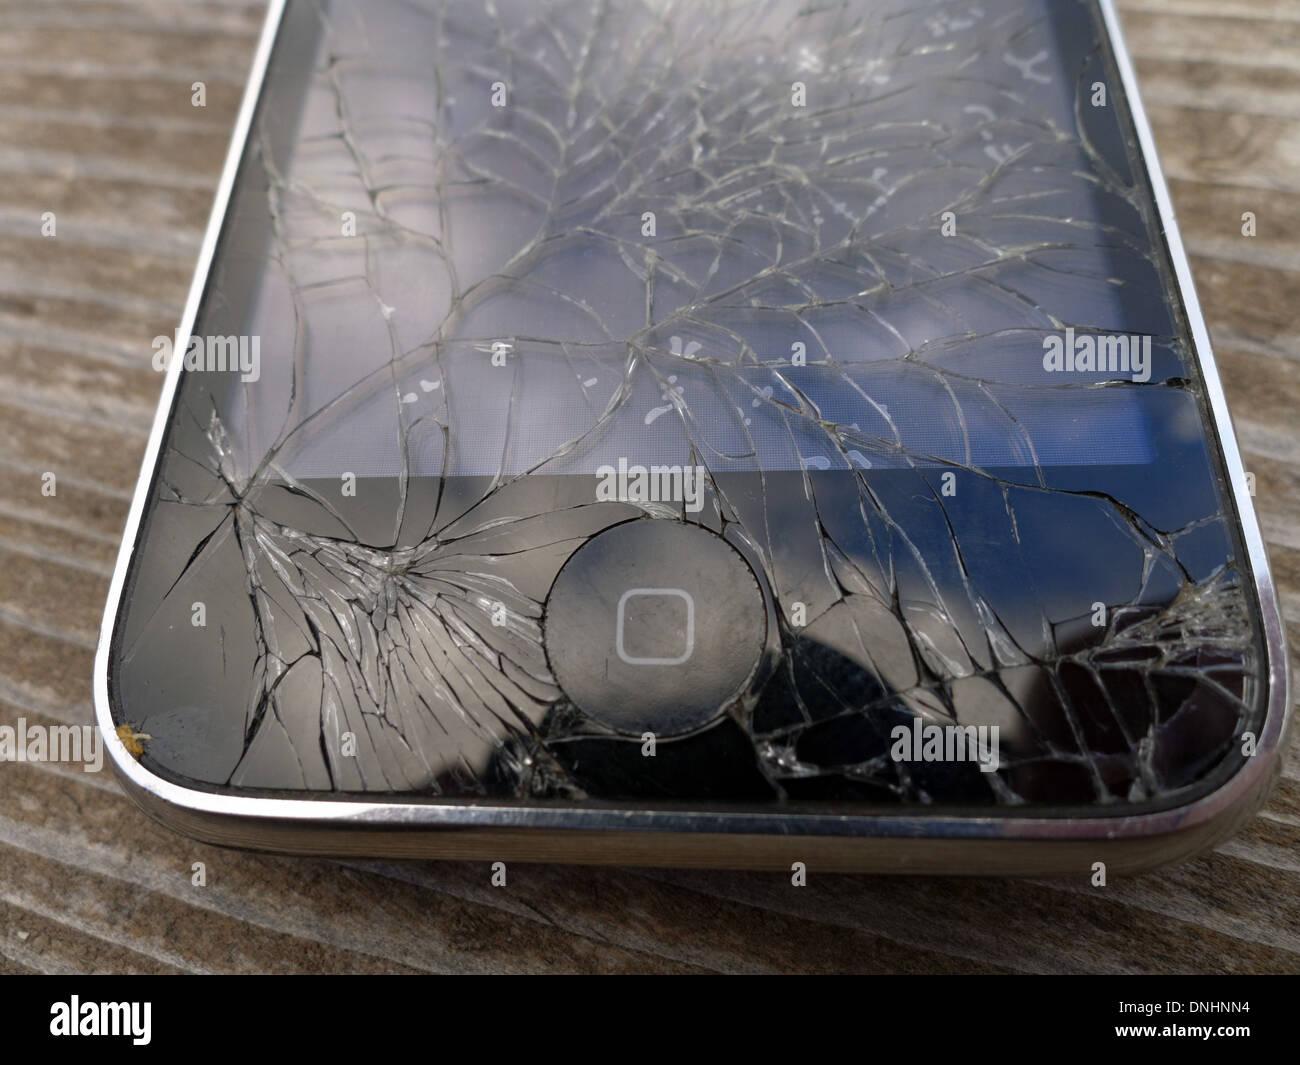 0ca82a3a191 Schermo Iphone Rotto Immagini & Schermo Iphone Rotto Fotos Stock - Alamy